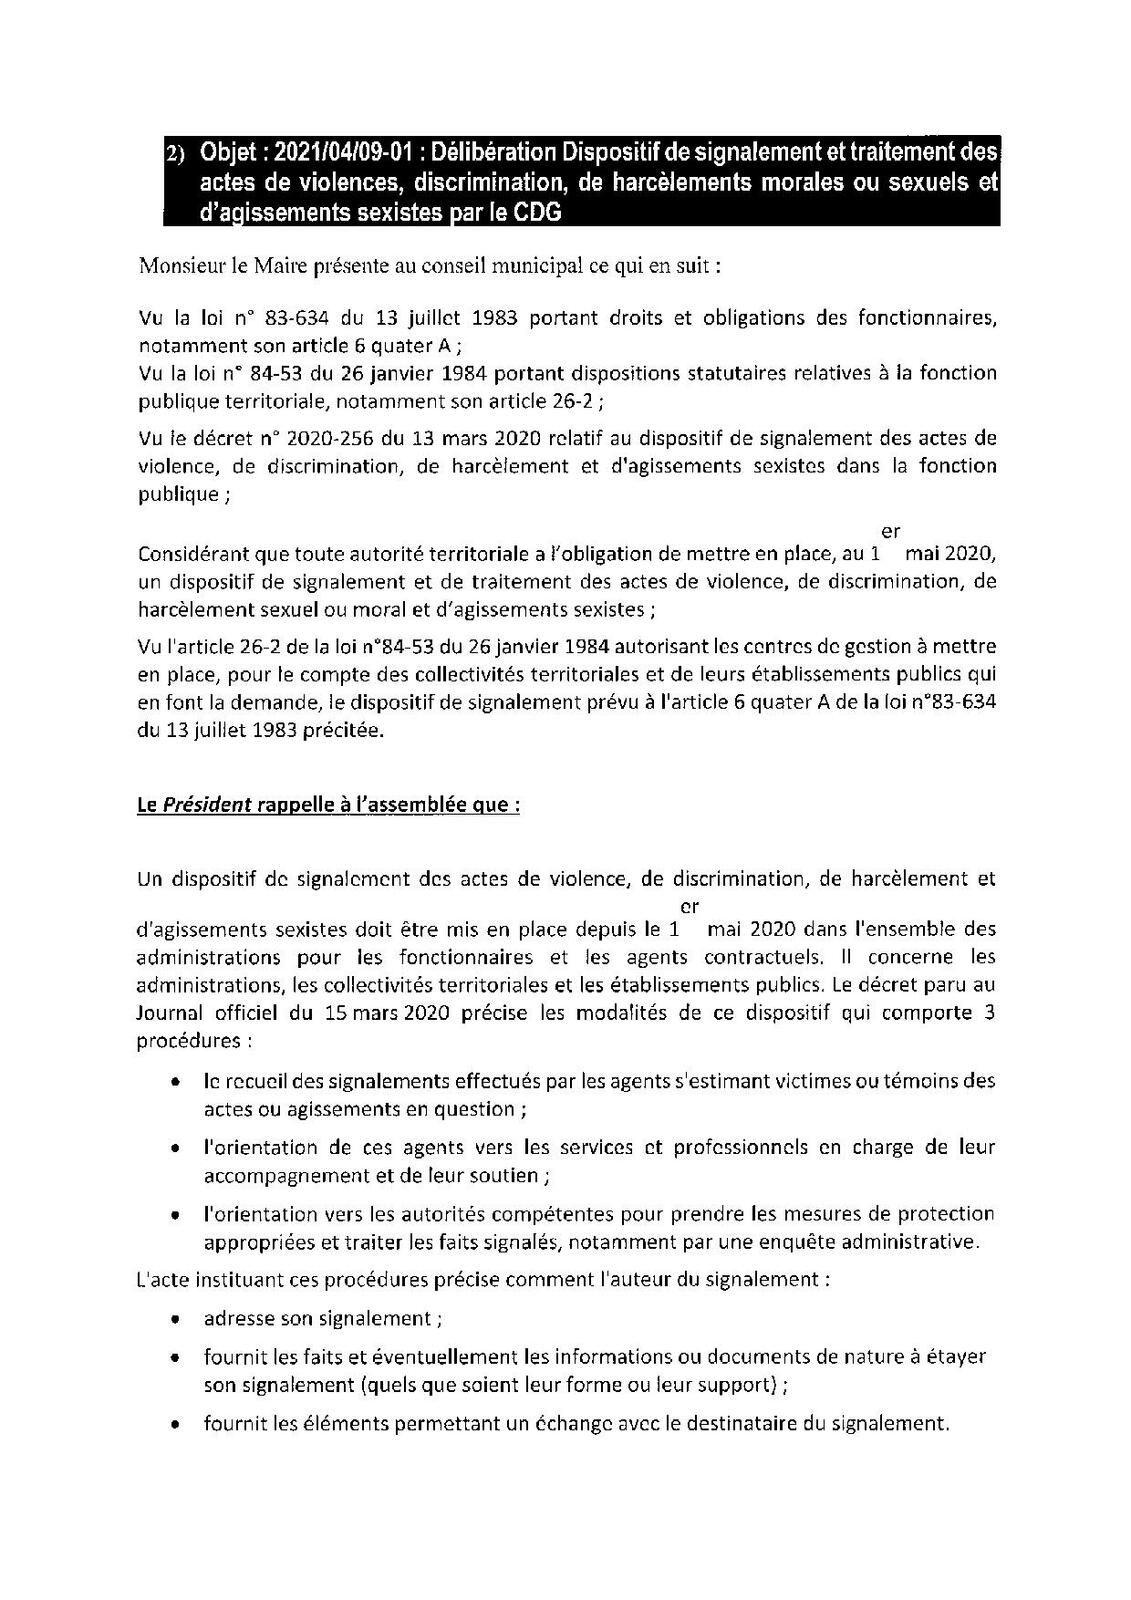 Conseil municipal : compte-rendu de la réunion du 9 avril 2021